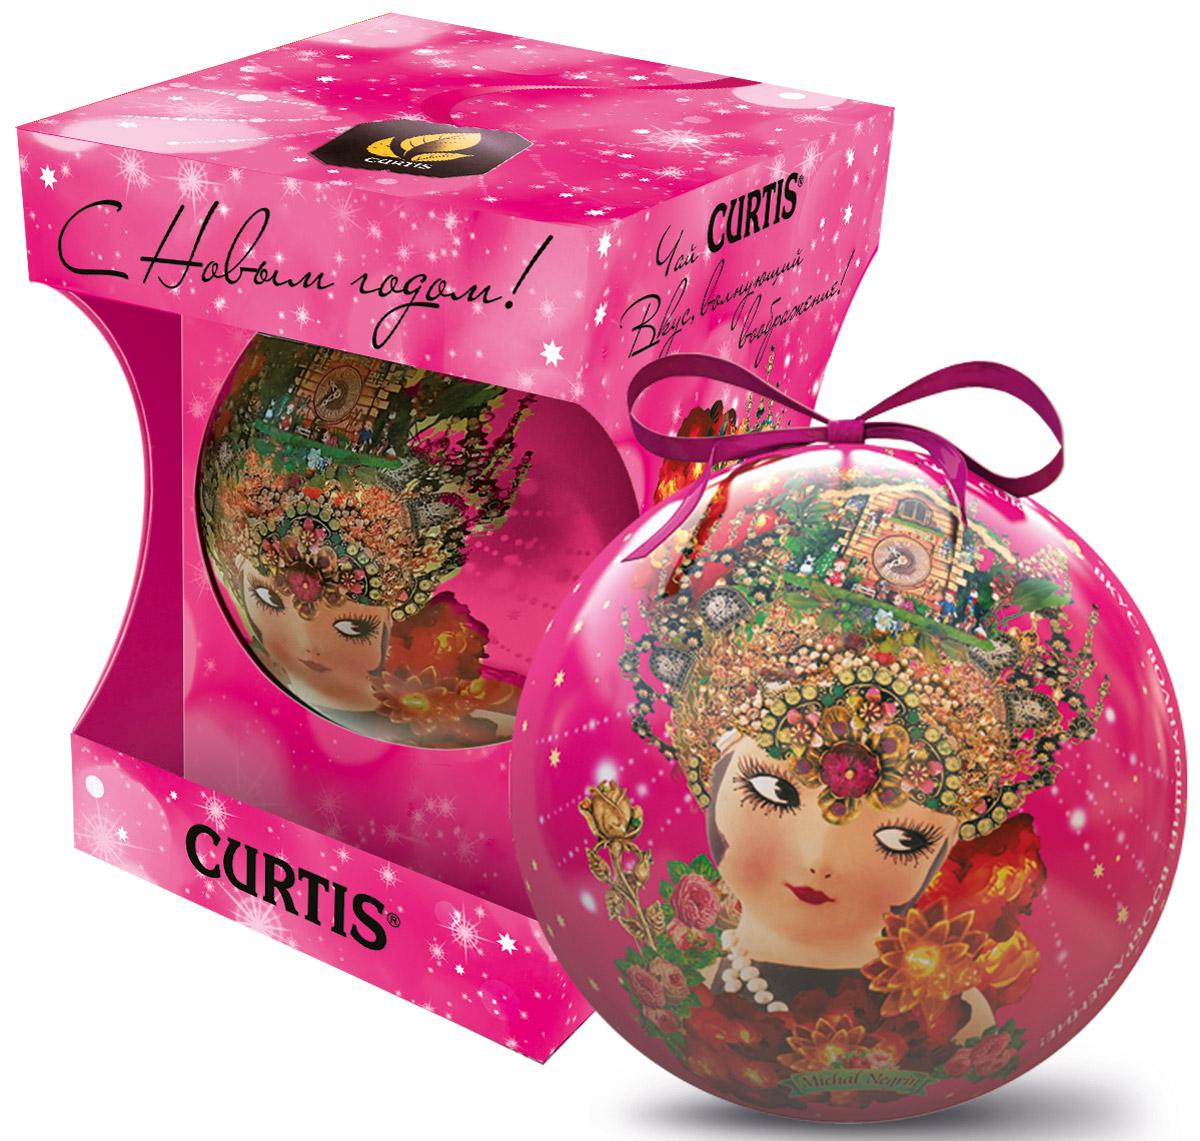 Curtis She-Shy Christmas Ball розовый, черный листовой чай, 30 г101246Превосходный черный цейлонский чай Curtis She-Shy Christmas Ball в новогодней подарочной упаковке в форме шара золотого цвета. Отлично подойдет в качестве подарка на новогодние праздники.Уважаемые клиенты! Обращаем ваше внимание на то, что упаковка может иметь несколько видов дизайна. Поставка осуществляется в зависимости от наличия на складе.